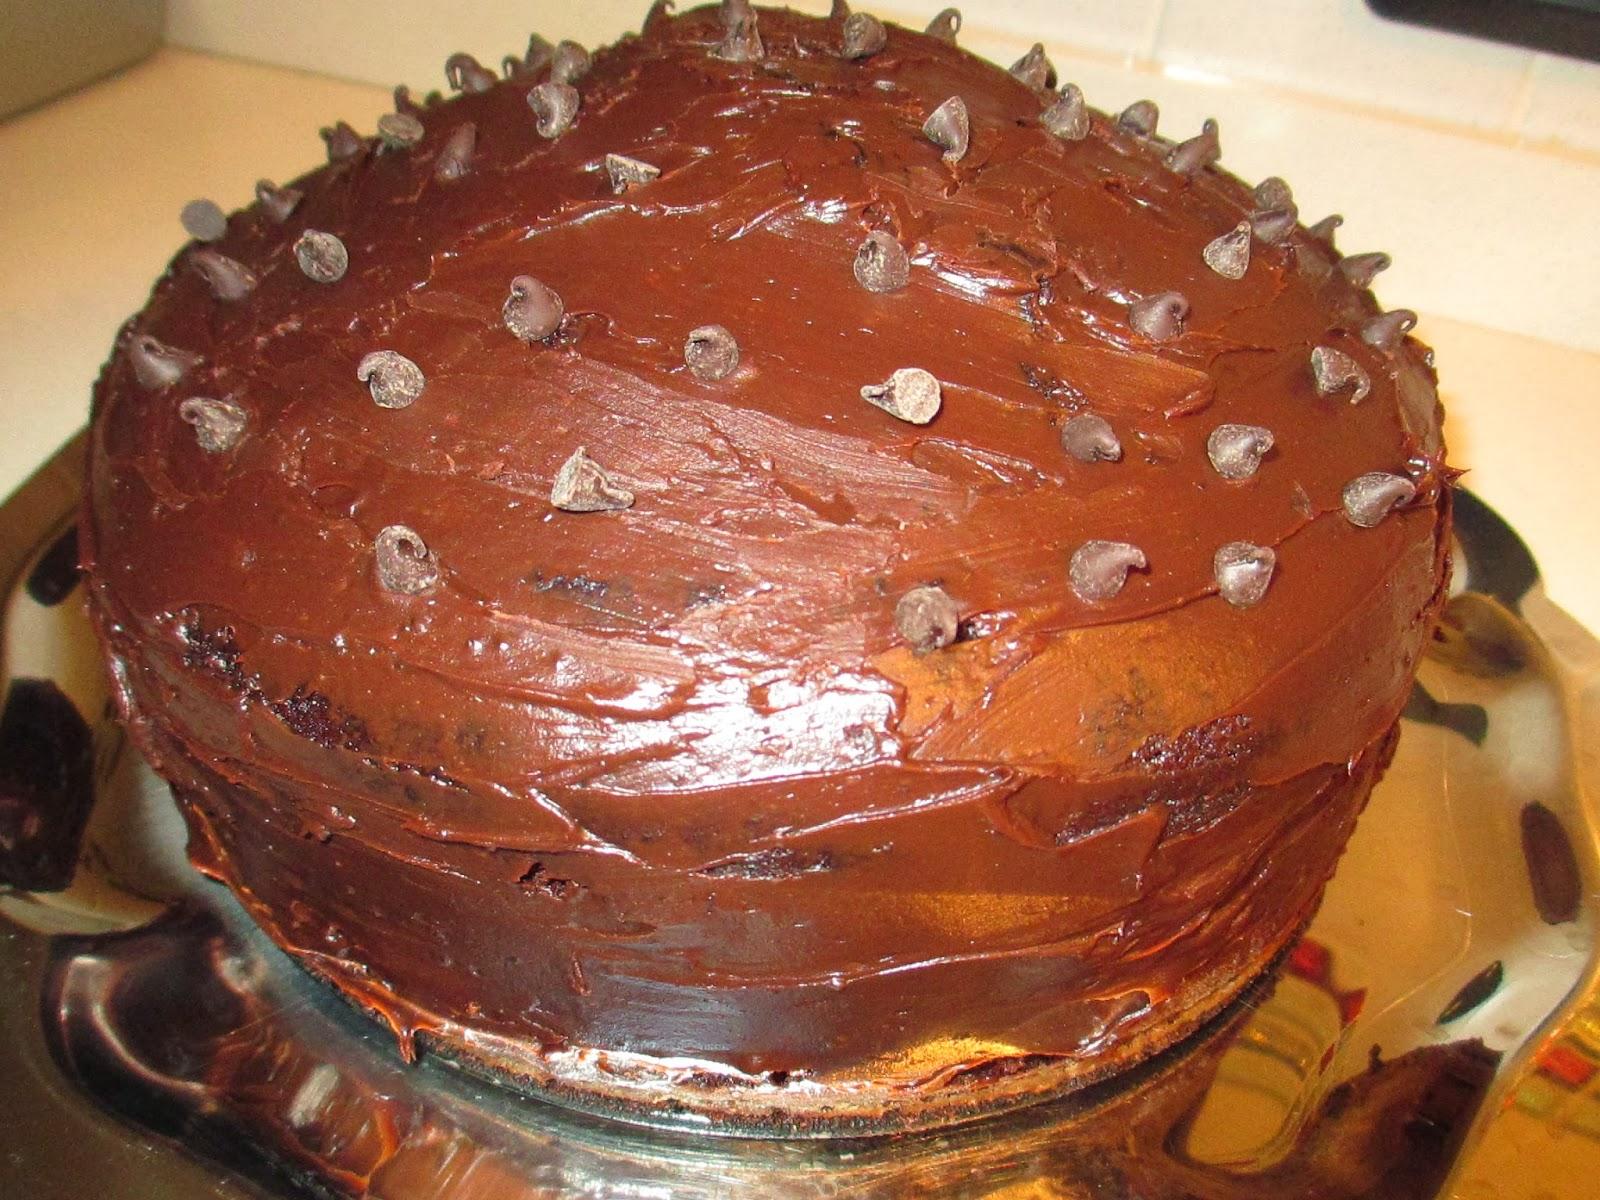 La base della torta è una dark chocolate cake la cui ricetta originale ho  ripreso da qui. Ho seguito la ricetta alla lettera per essere sicura di non  ... e33566dea98e